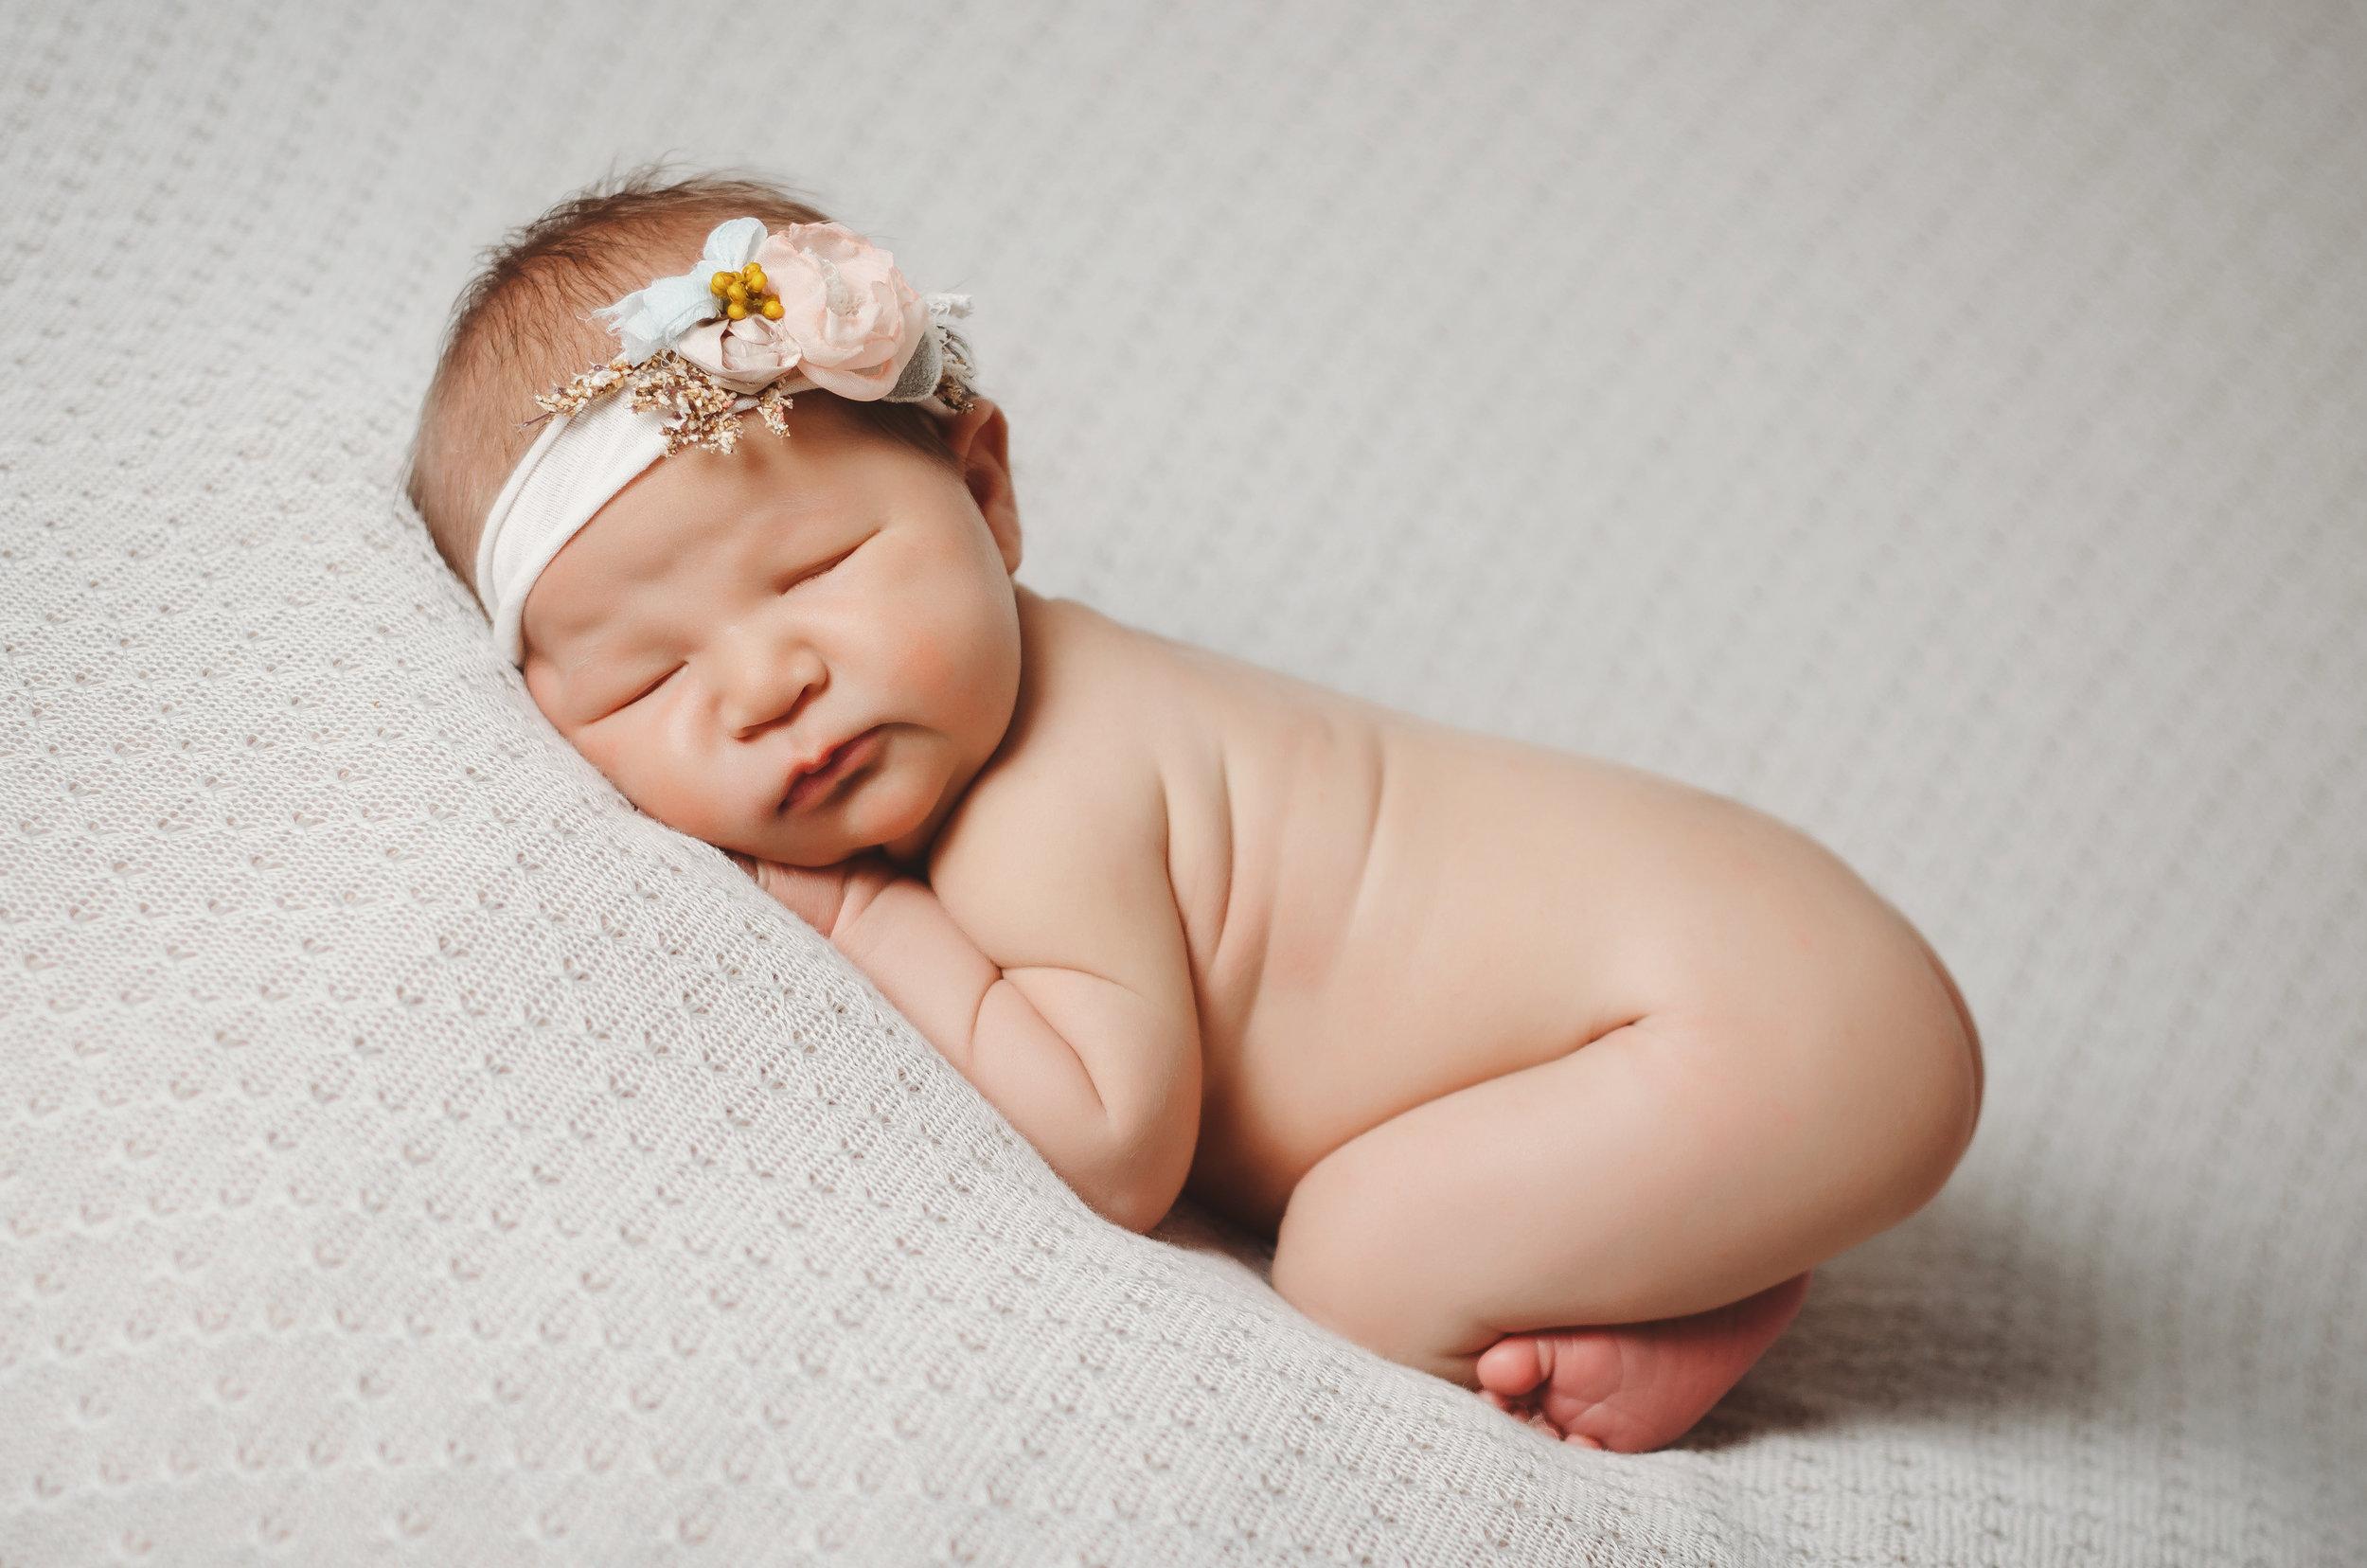 KSP_Newborn_BrittanyRadamacher_034.jpg